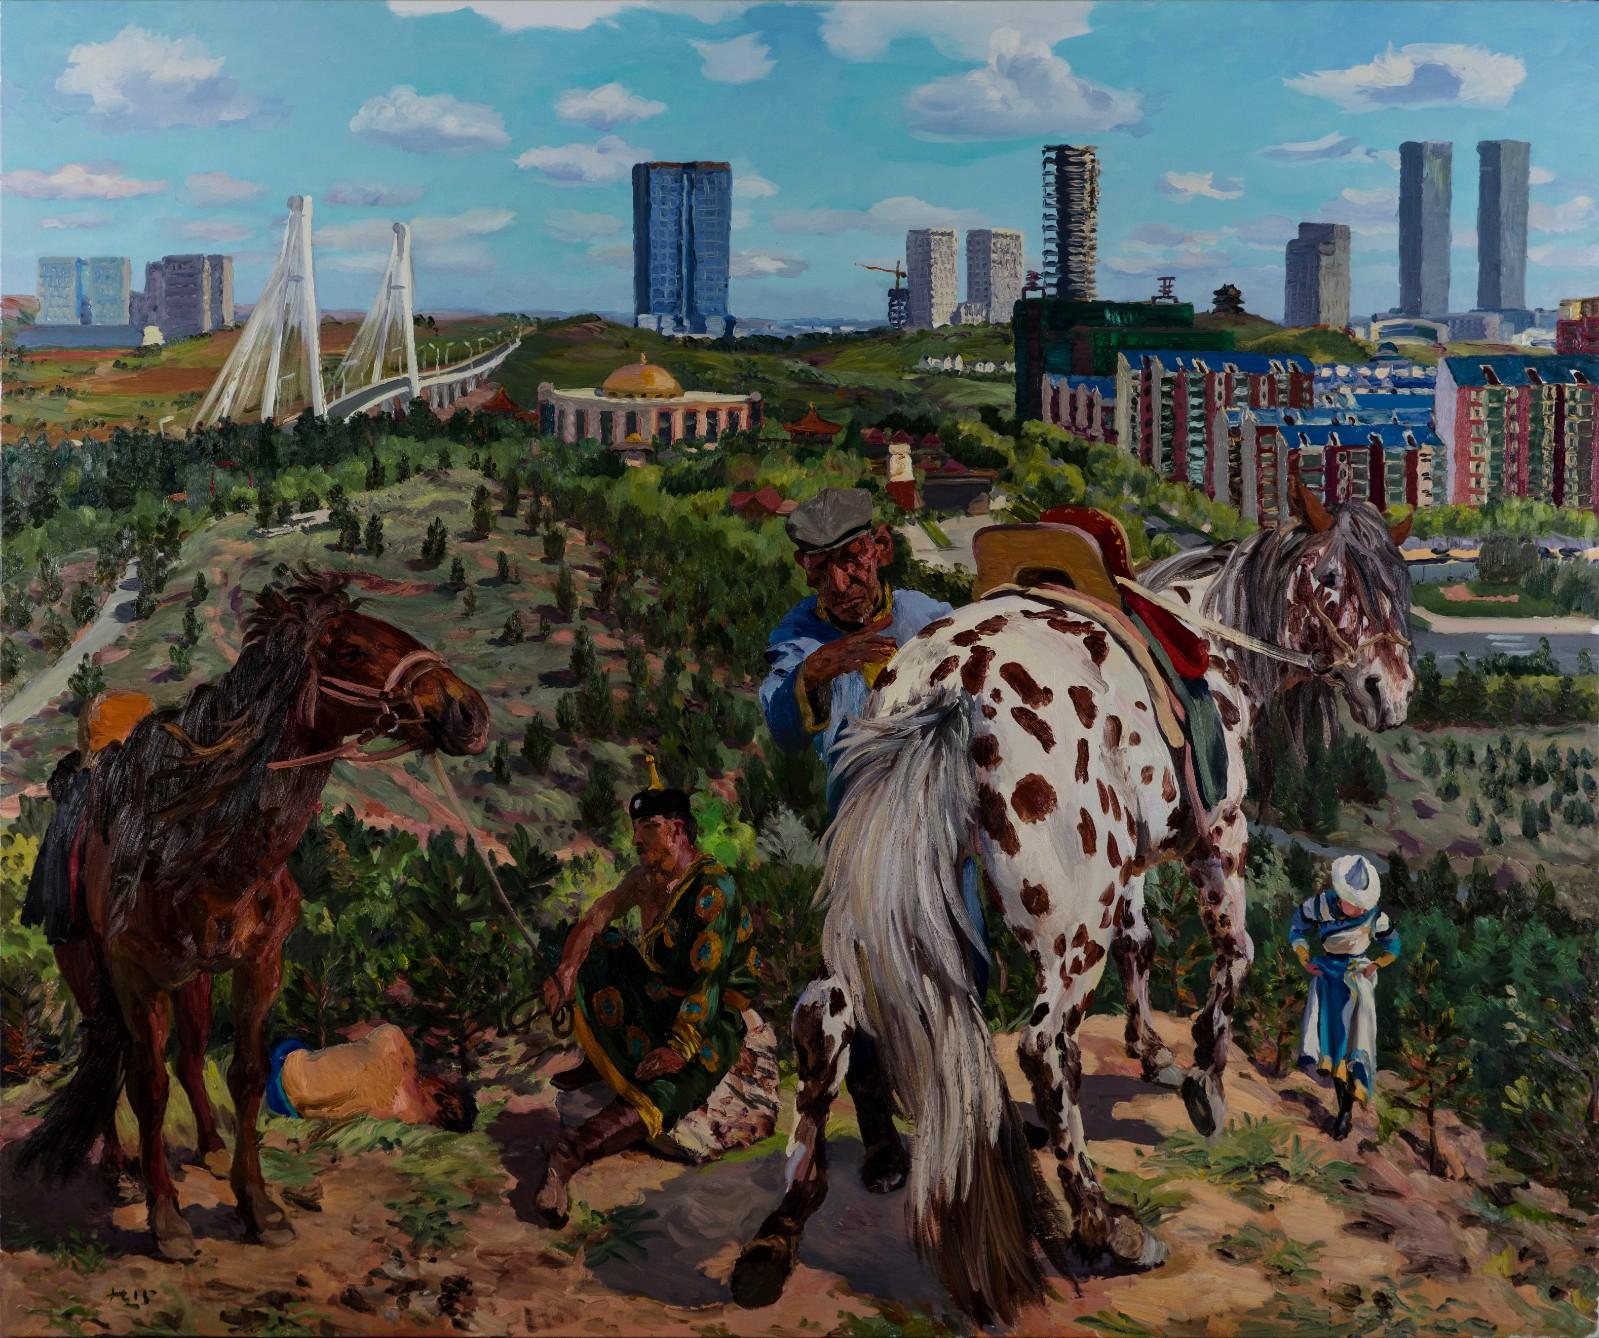 刘小东《空城计2》布面油画,250×300cm,2015 ©刘小东工作室.jpg